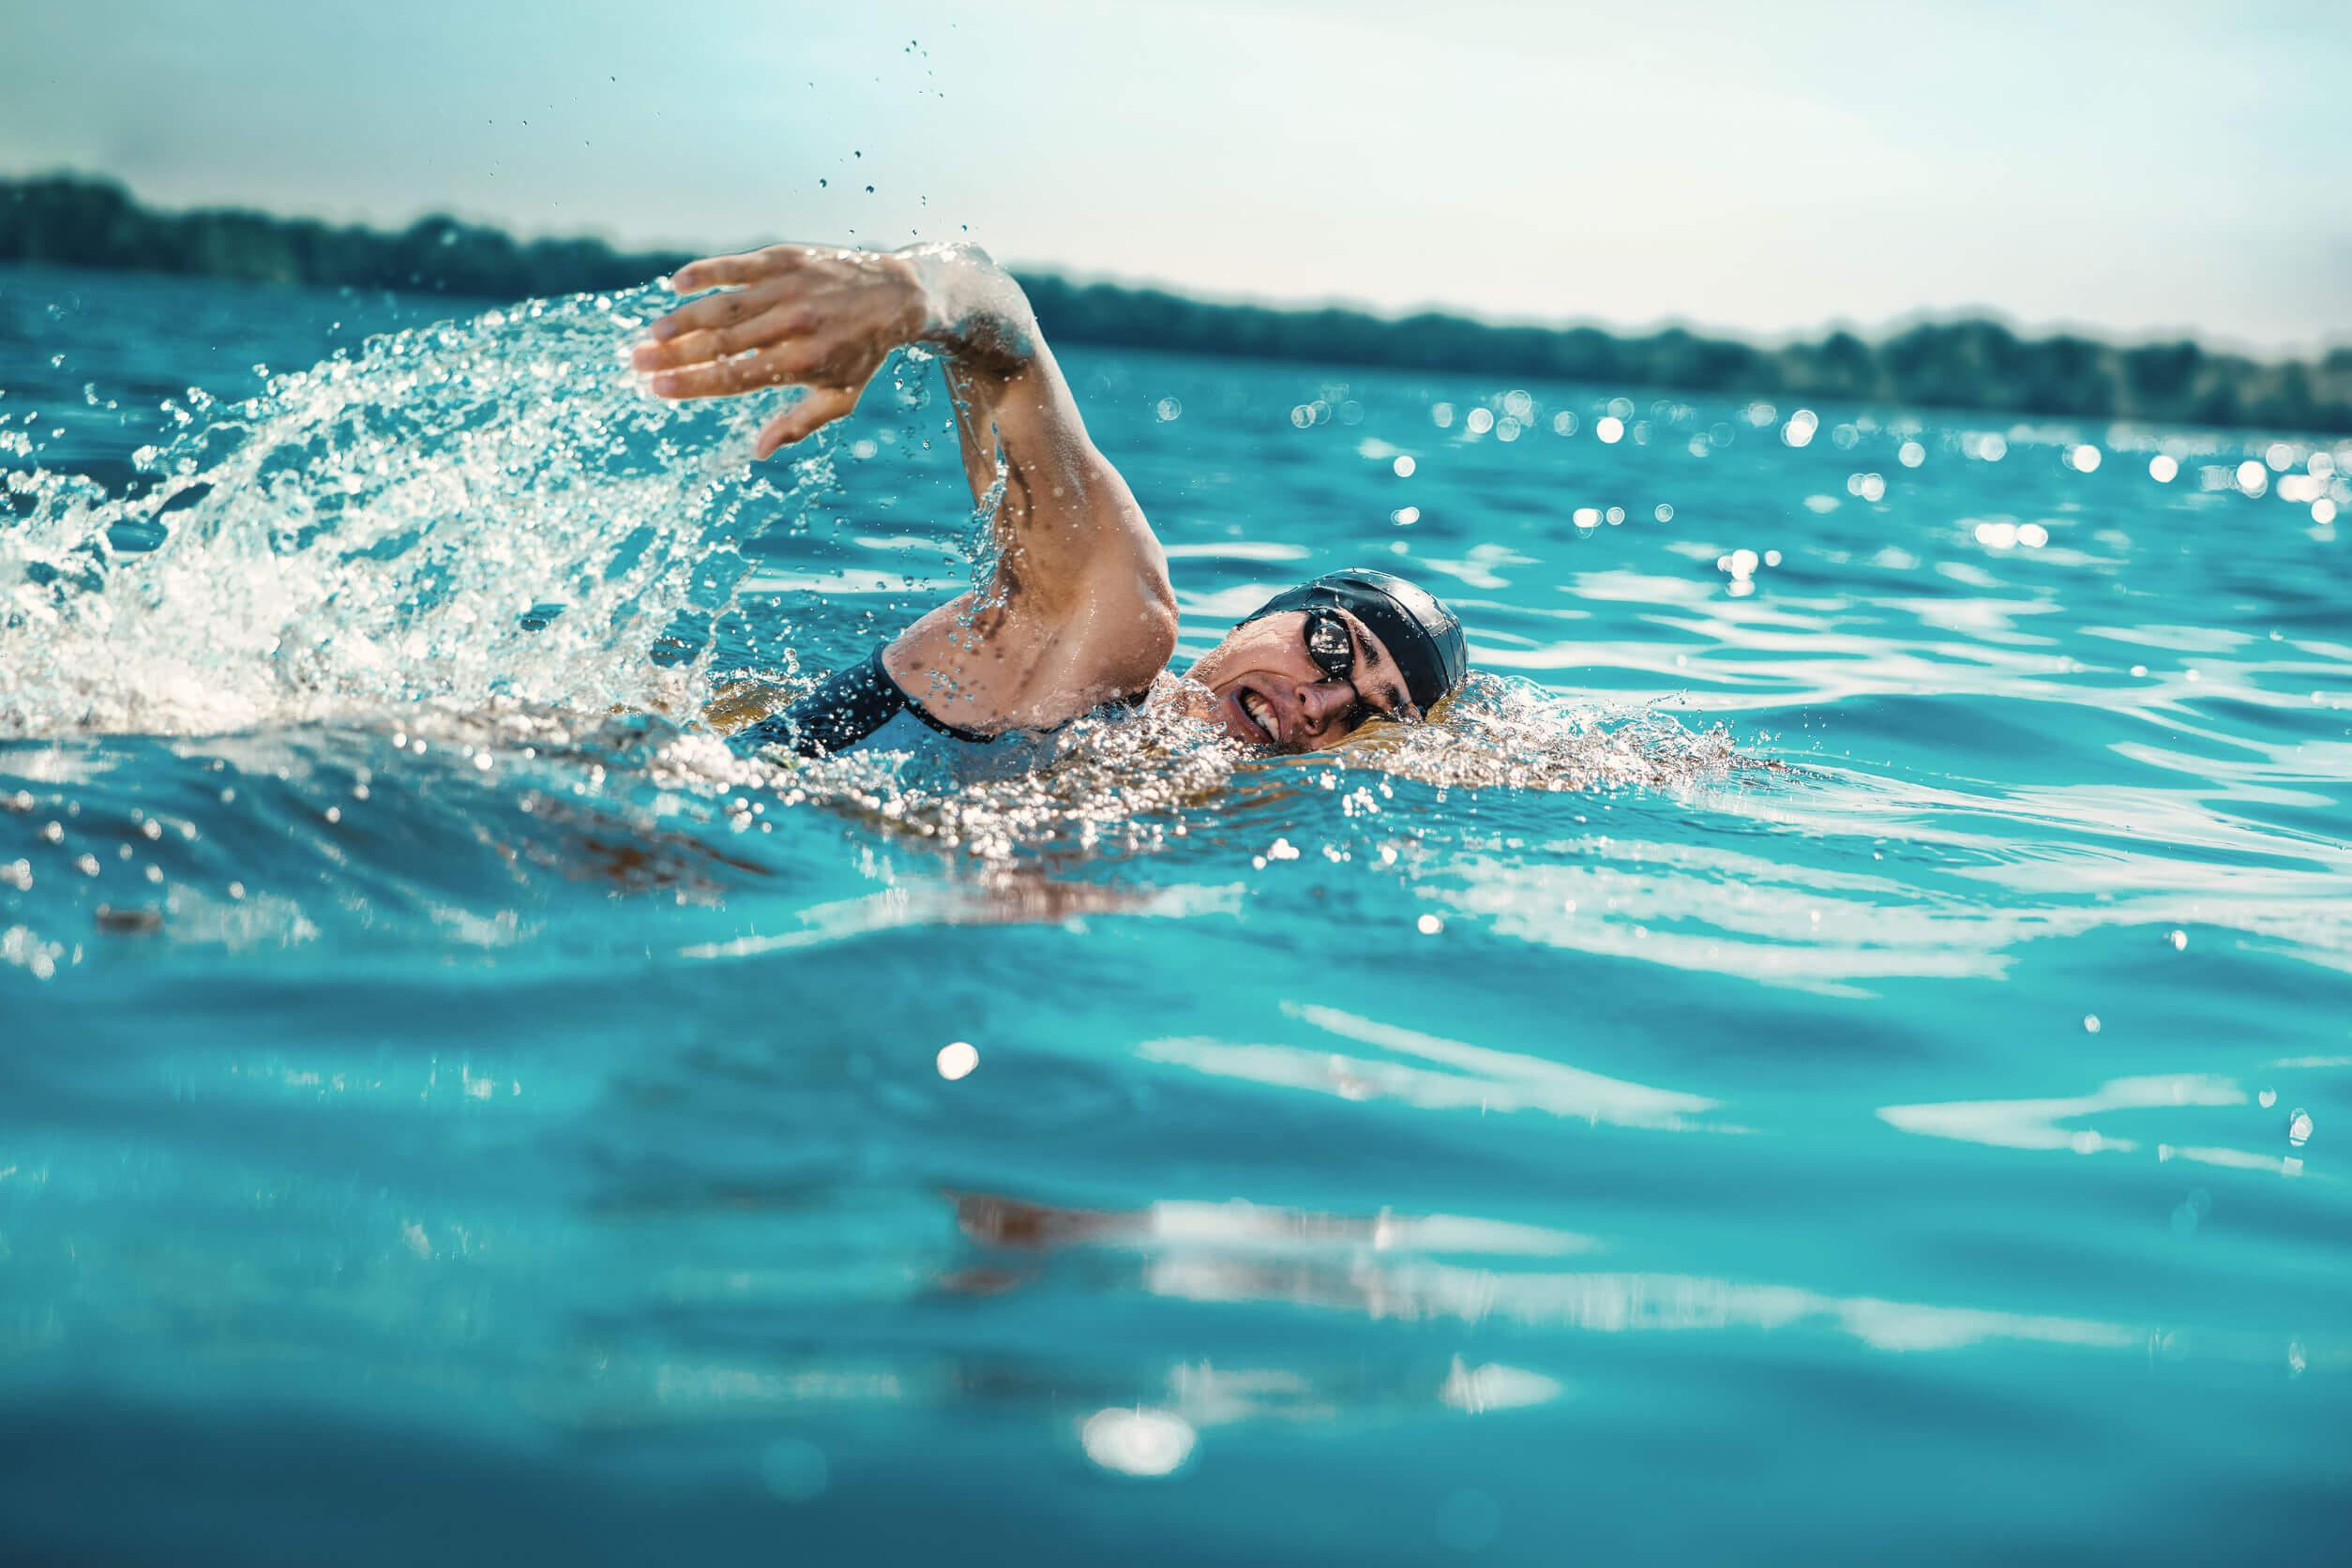 Todo lo que deberías saber sobre los fondos en natación